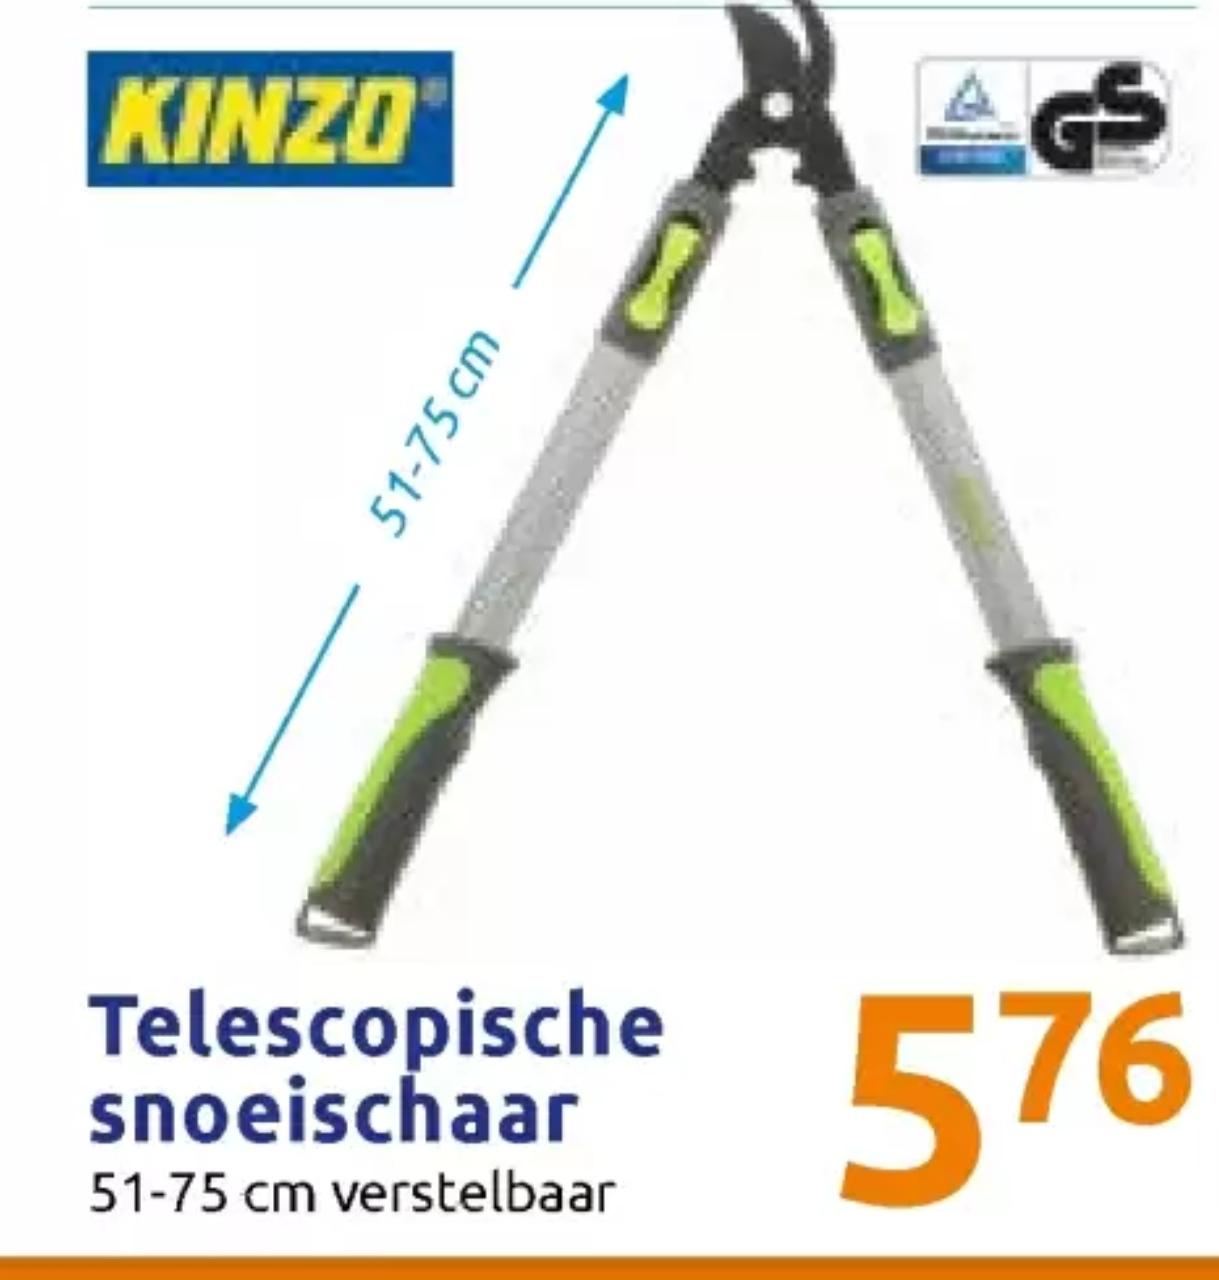 Kinzo Snoeischaar/Takkenschaar/Wegwerpschaar Telescopisch